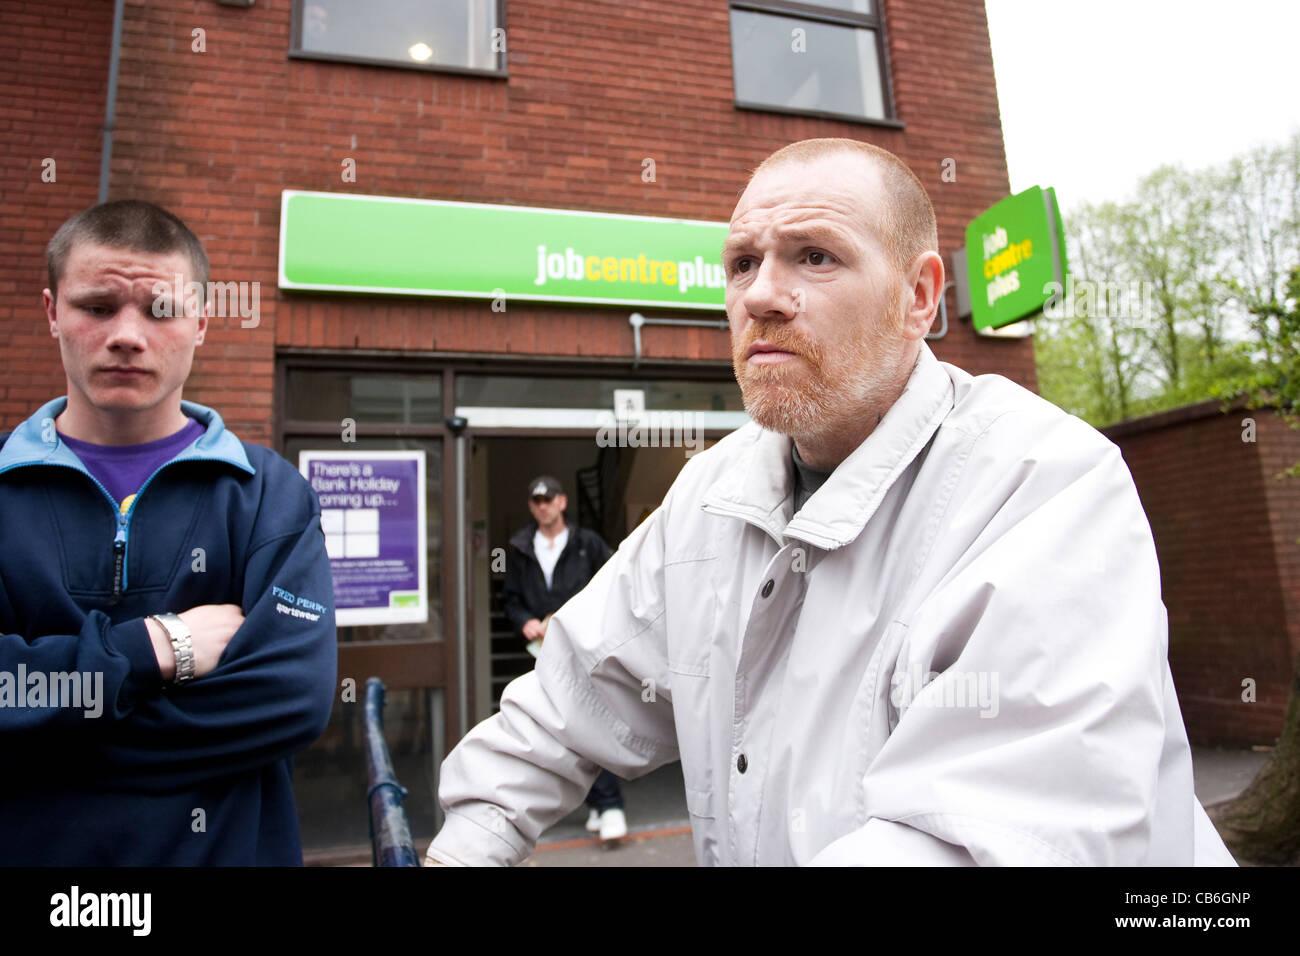 Des jeunes chômeurs en dehors du Job Center, Dudley, West Midlands, Royaume-Uni. Photo:Jeff Gilbert Photo Stock